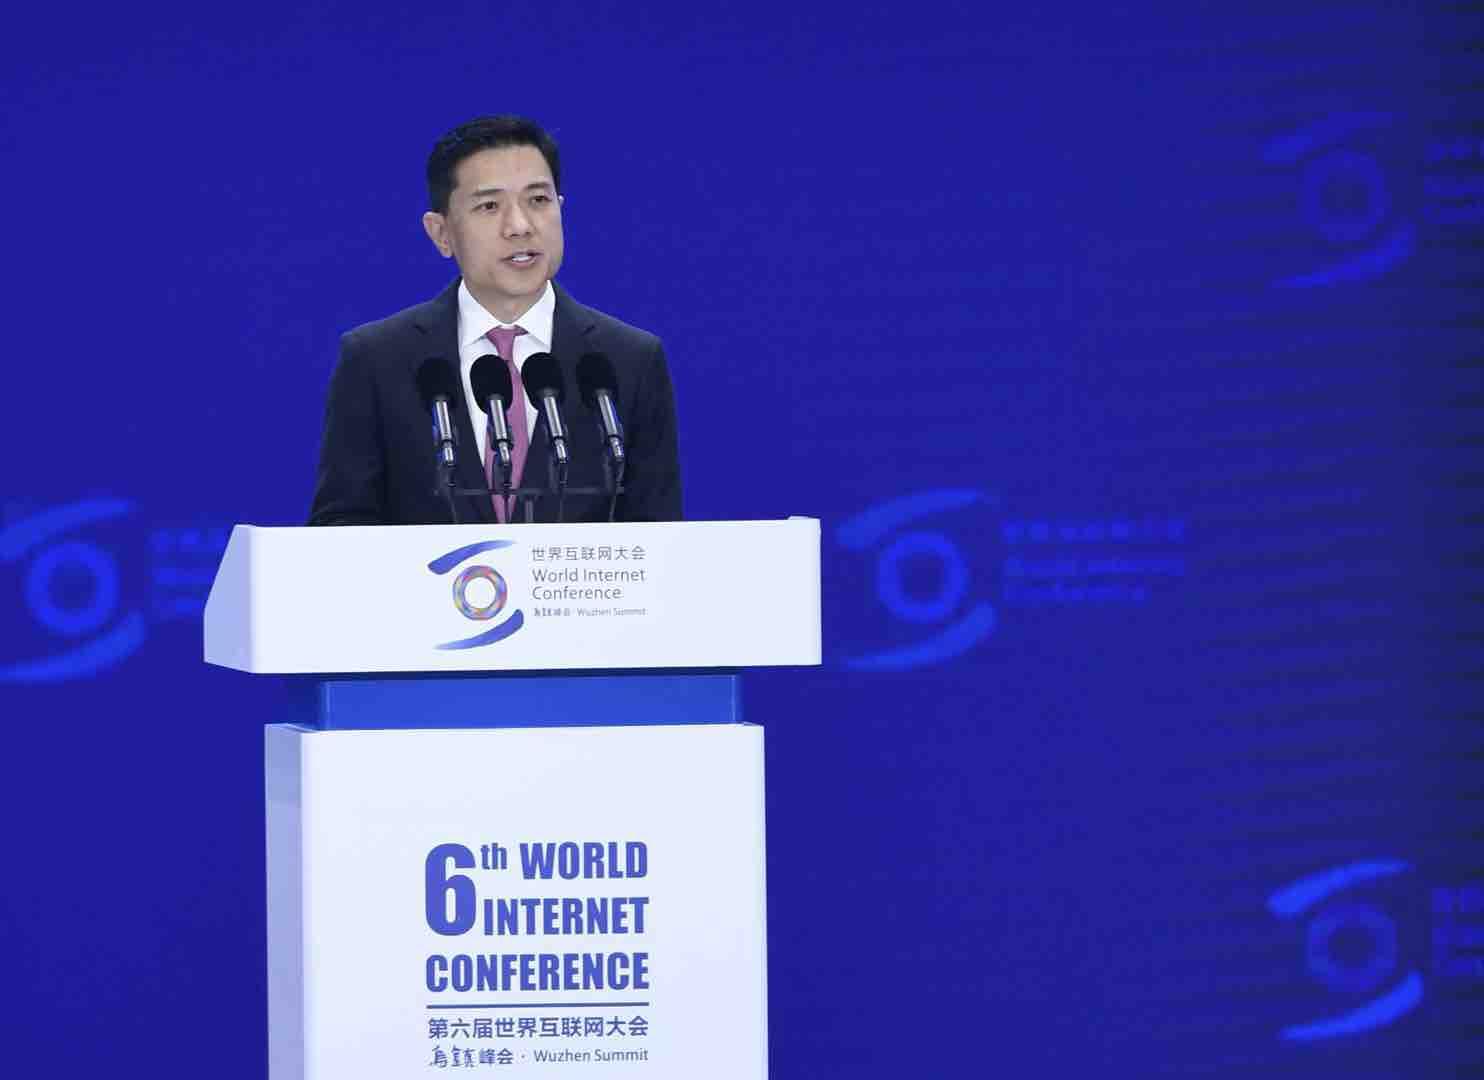 李彦宏乌镇大会演讲:百度要成为全球领先的人工智能平台型公司